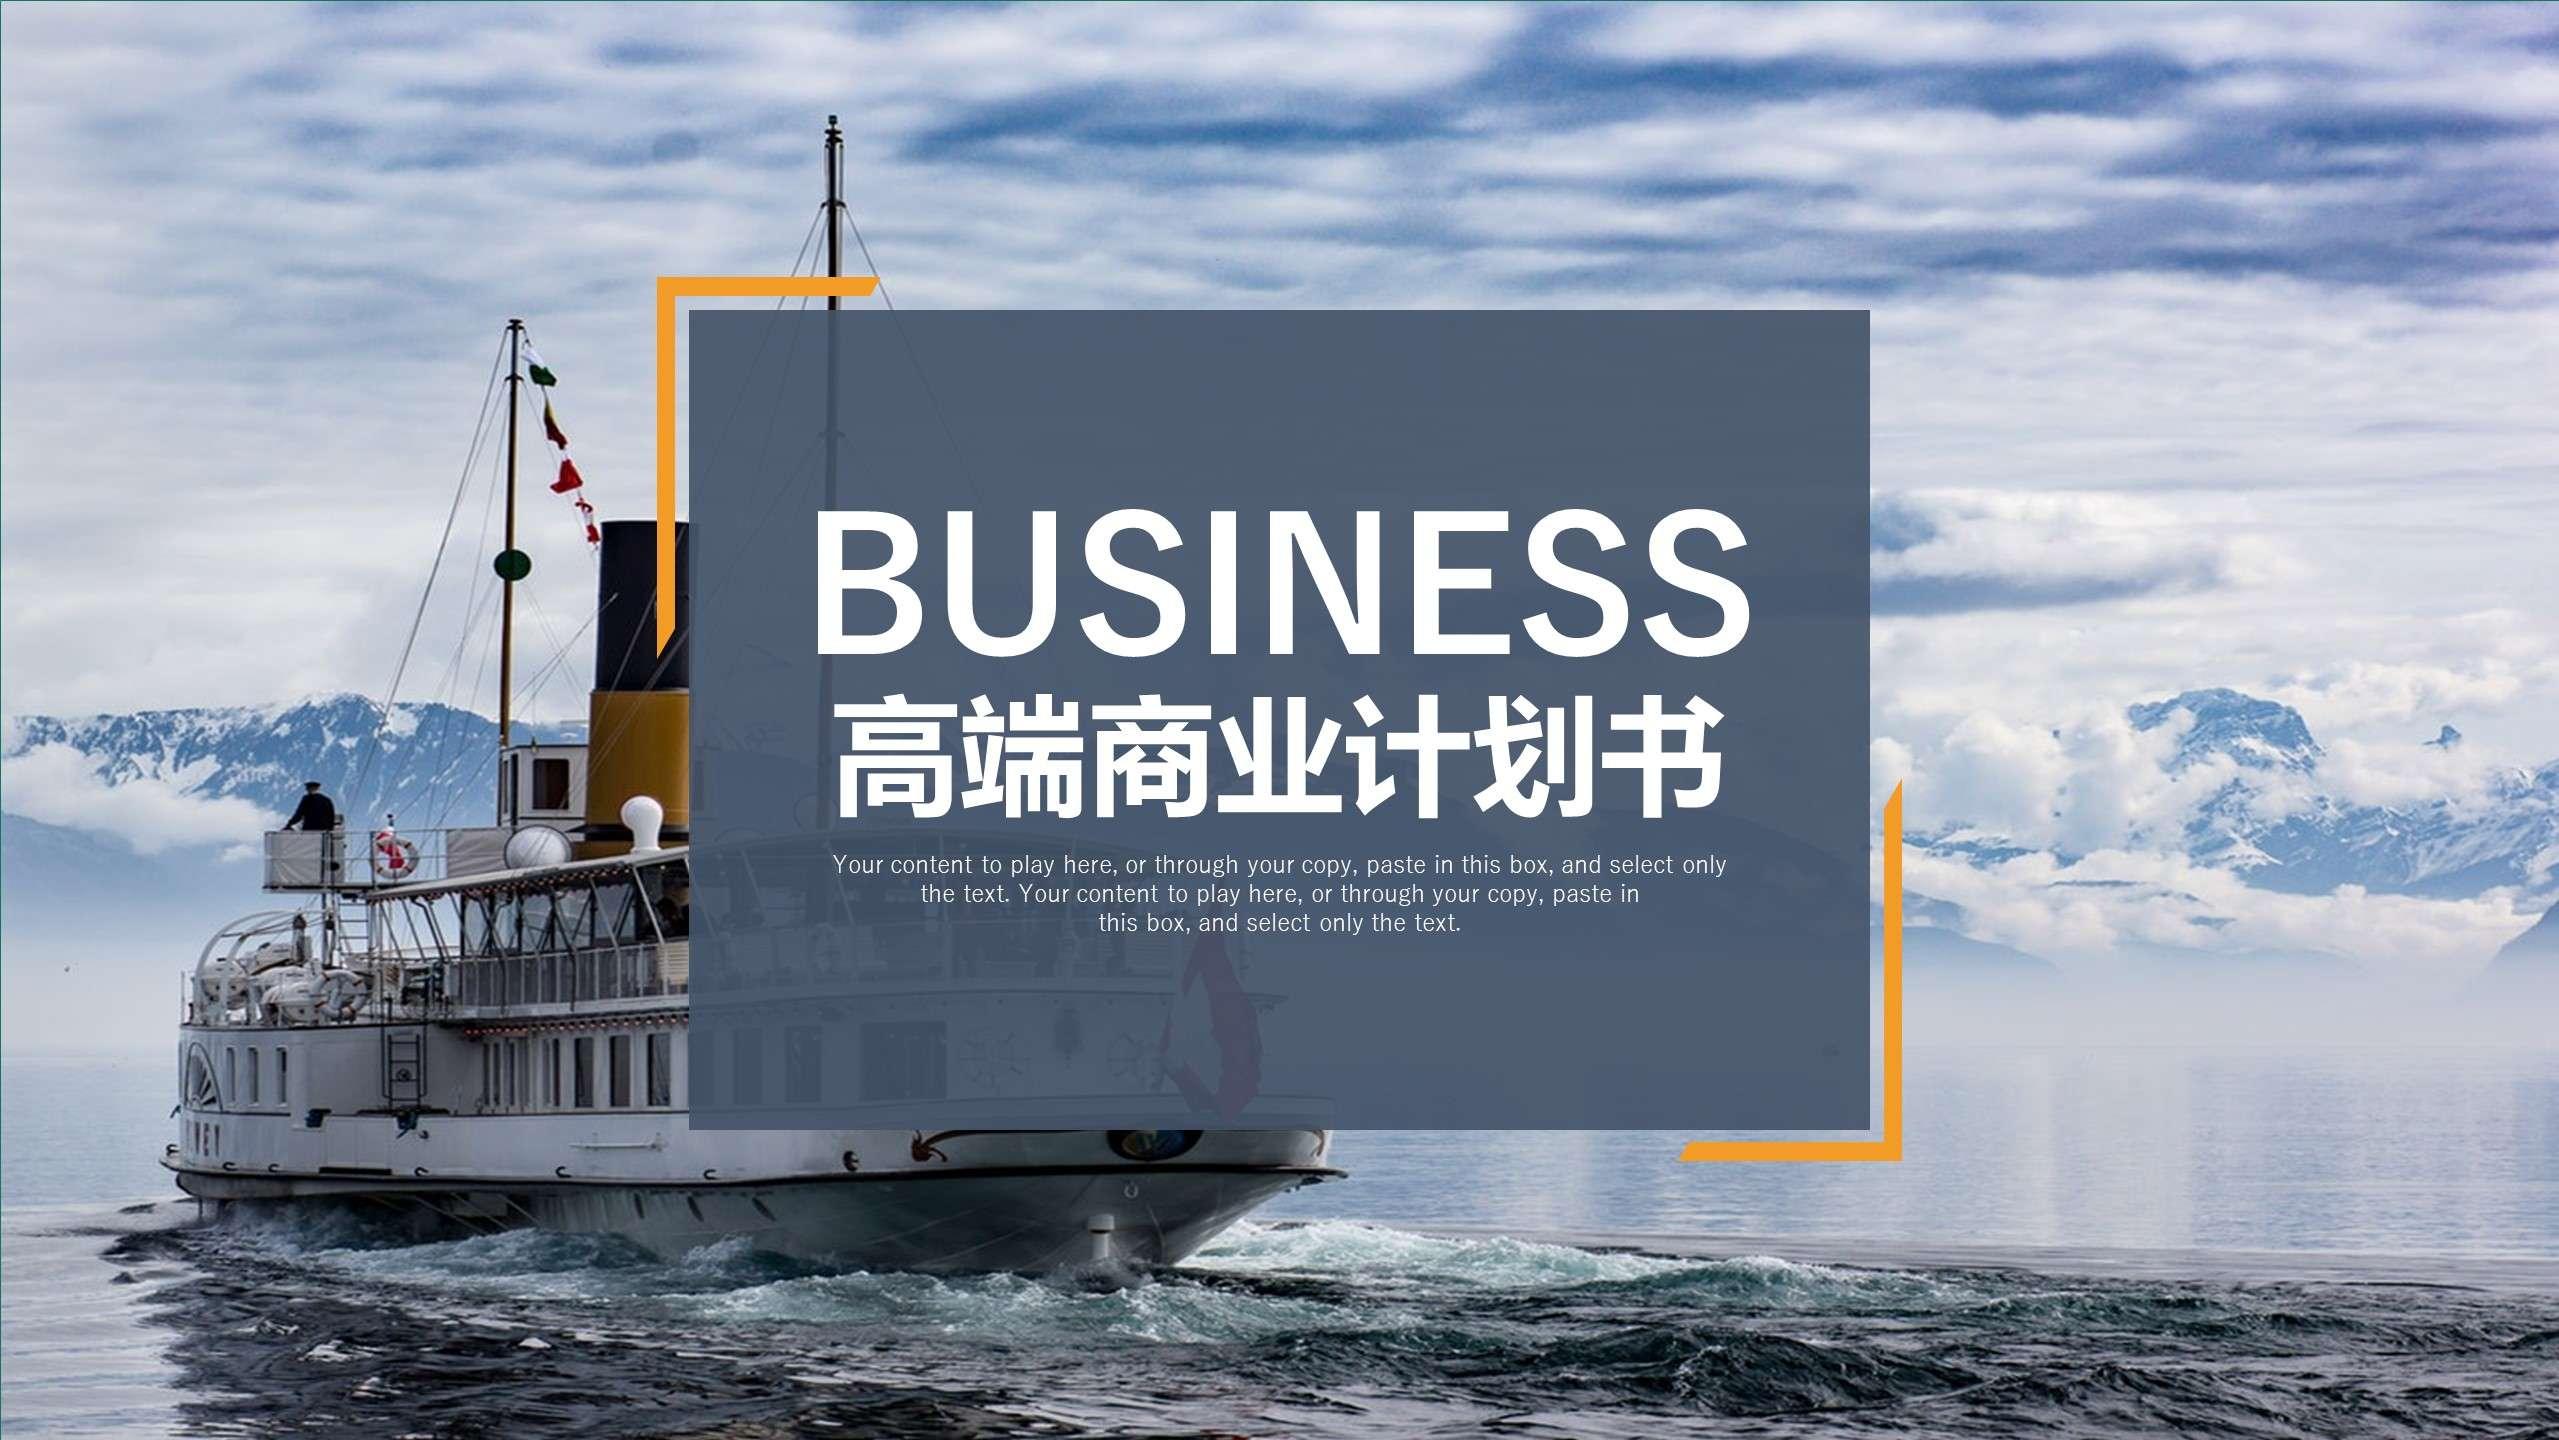 商务产品运营公司介绍商业计划书PPT模板